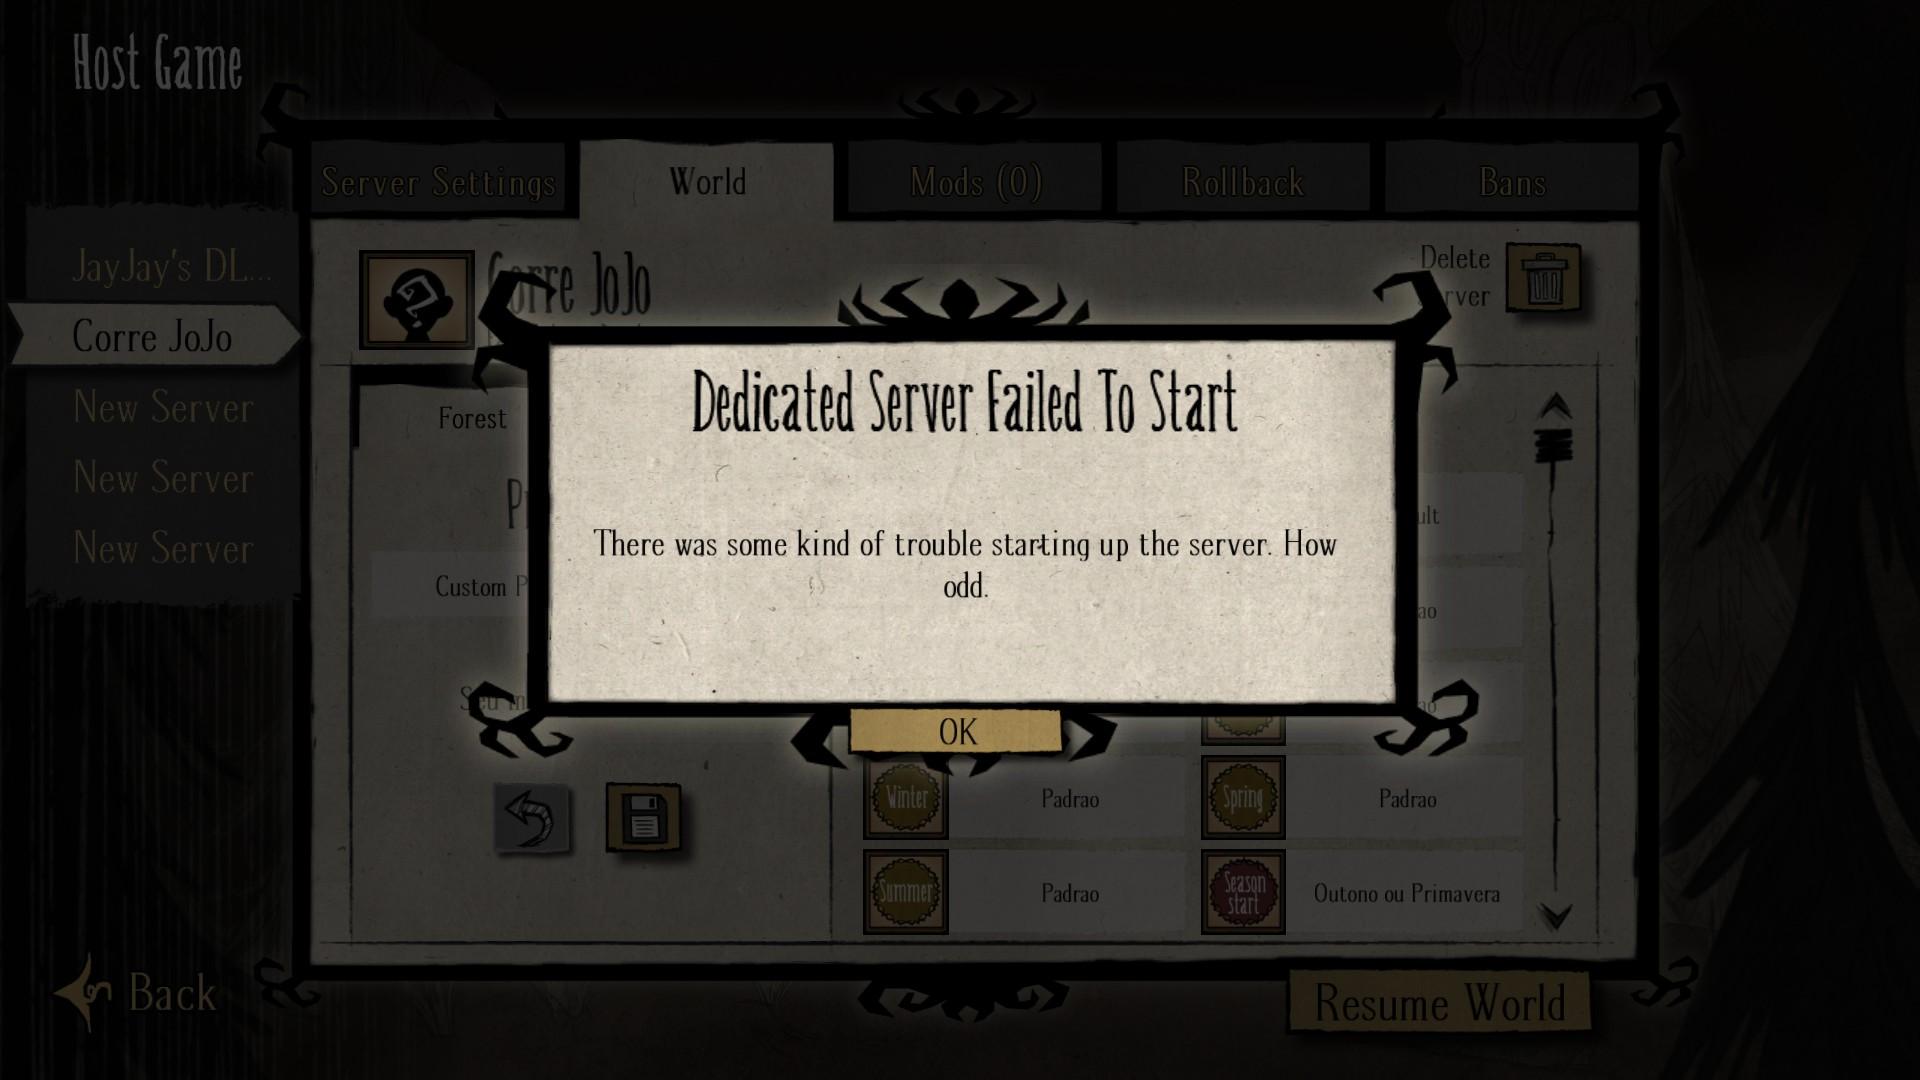 установить сервер cs на vds